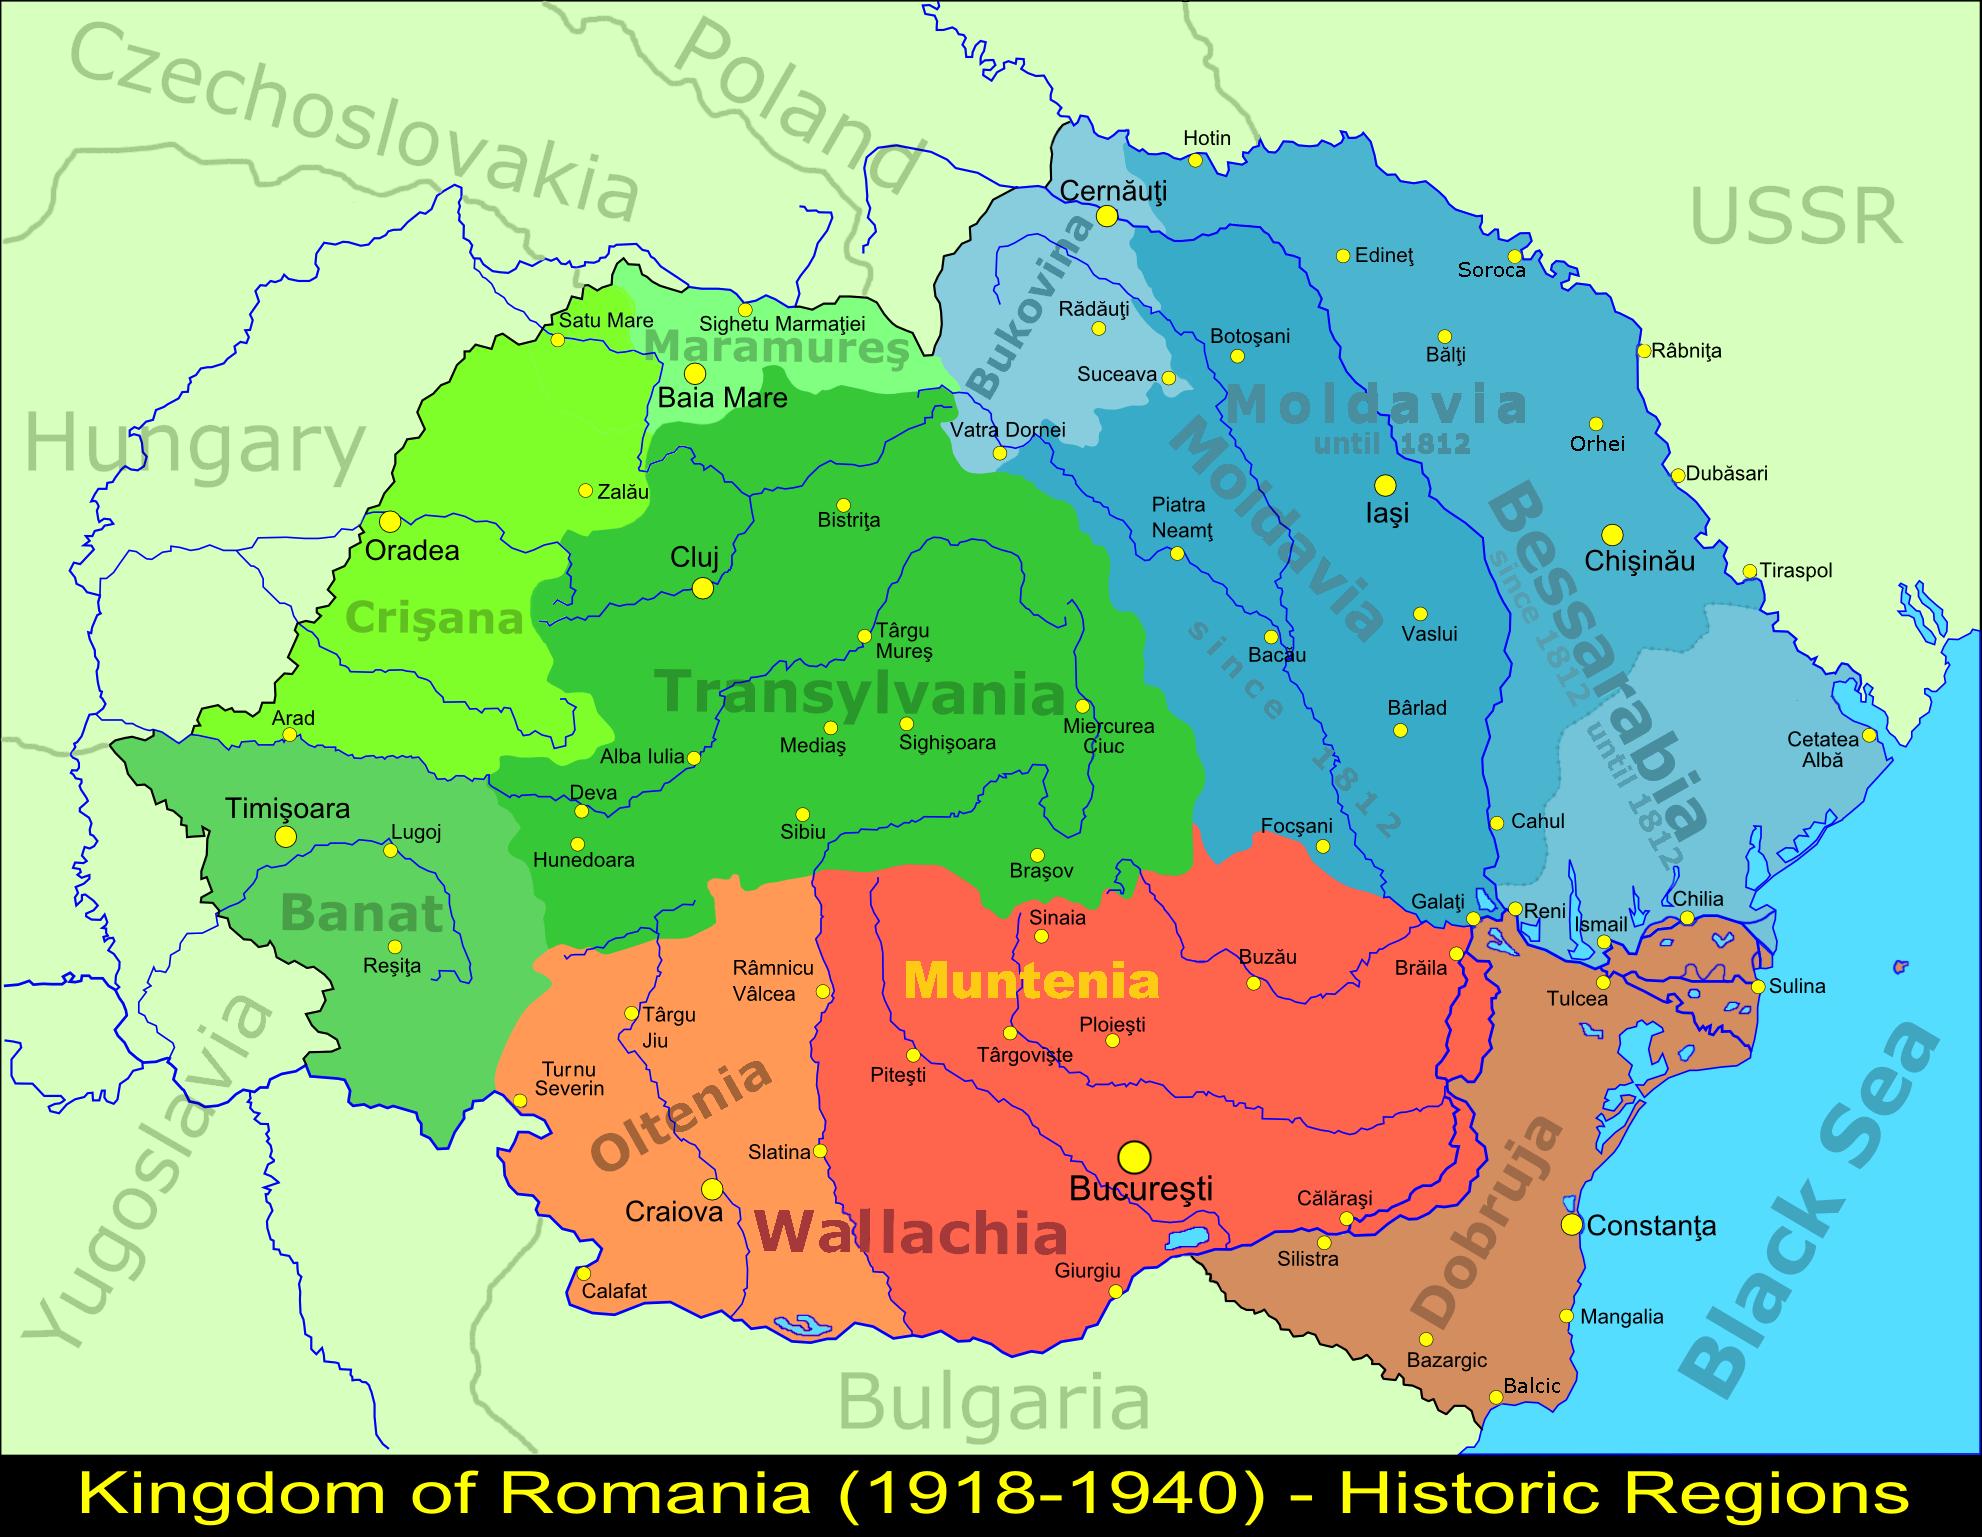 Romania development path in 19th century